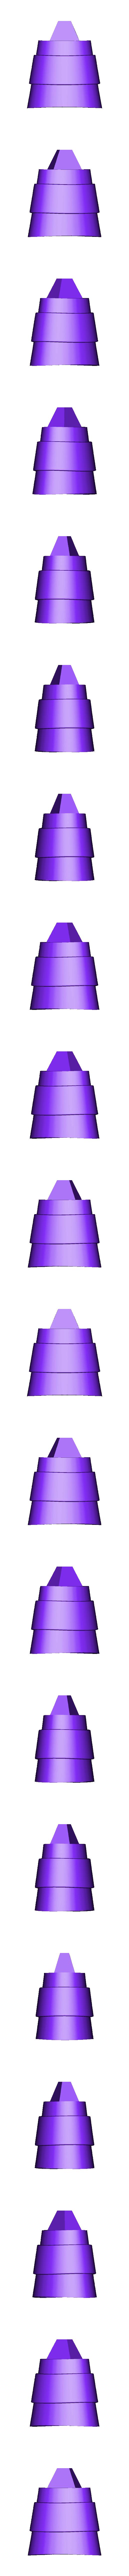 Pink_Nana_-_Body.stl Télécharger fichier STL gratuit Super Nana Totem • Design imprimable en 3D, BODY3D